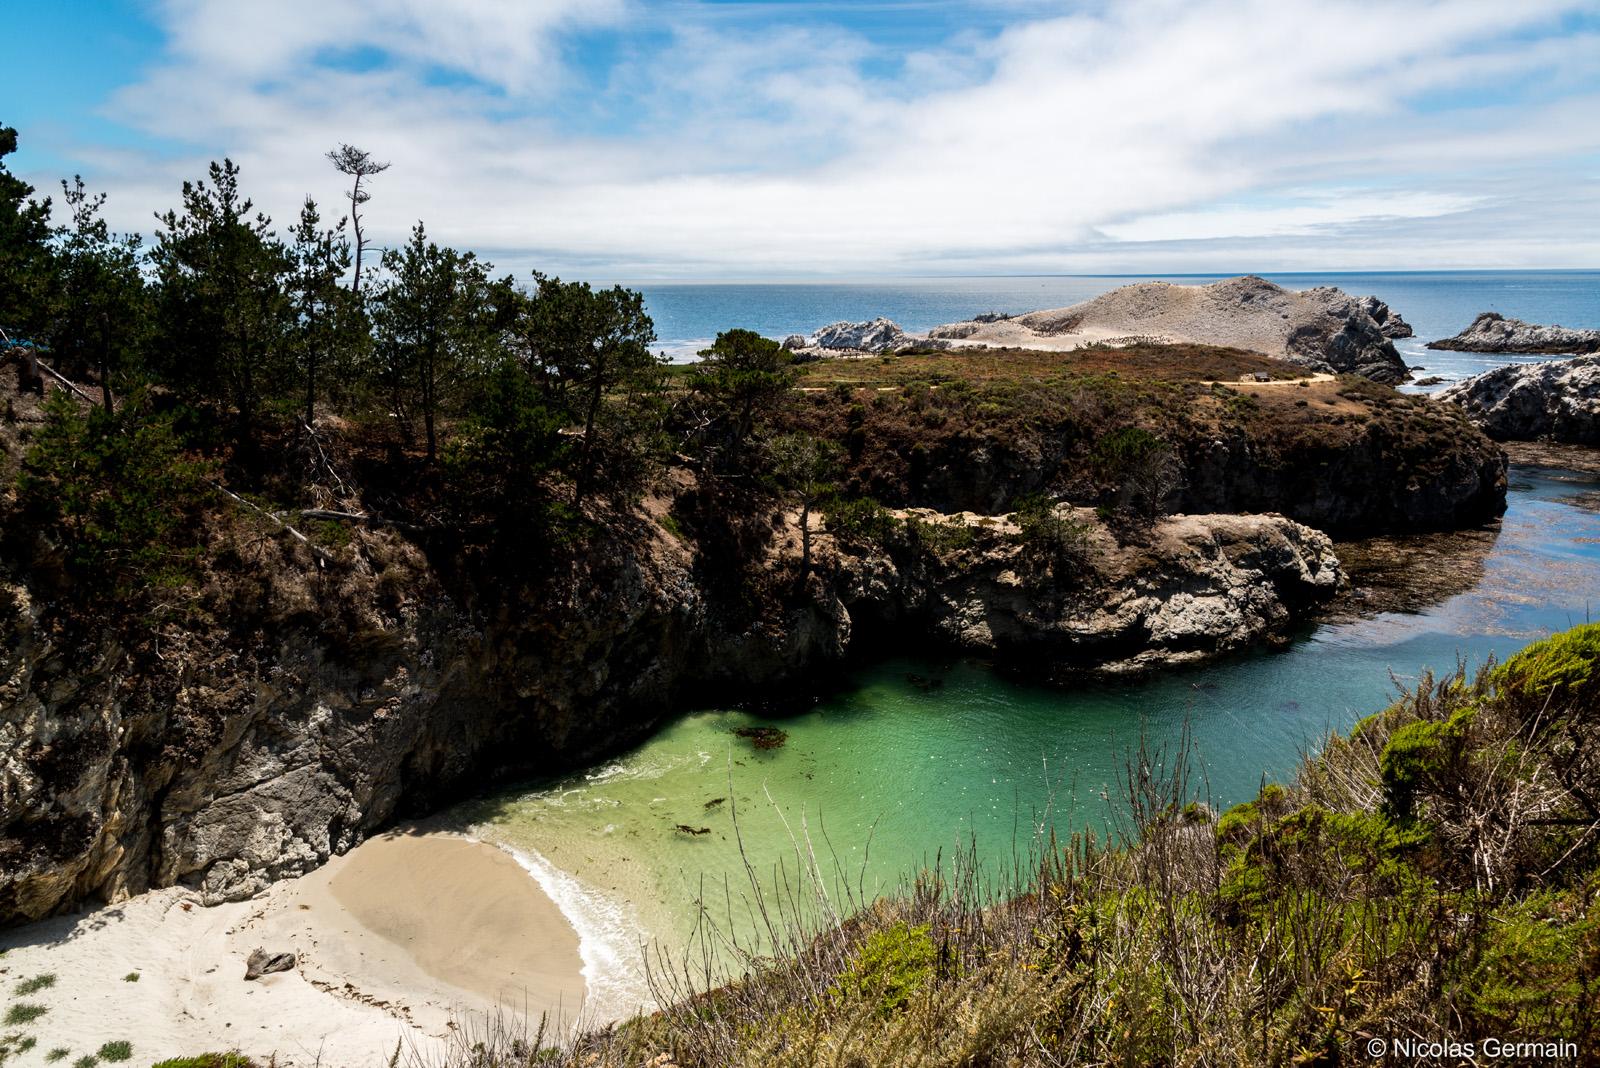 Paysage de Point Lobos au sud de Carmel près de Monterey, Californie